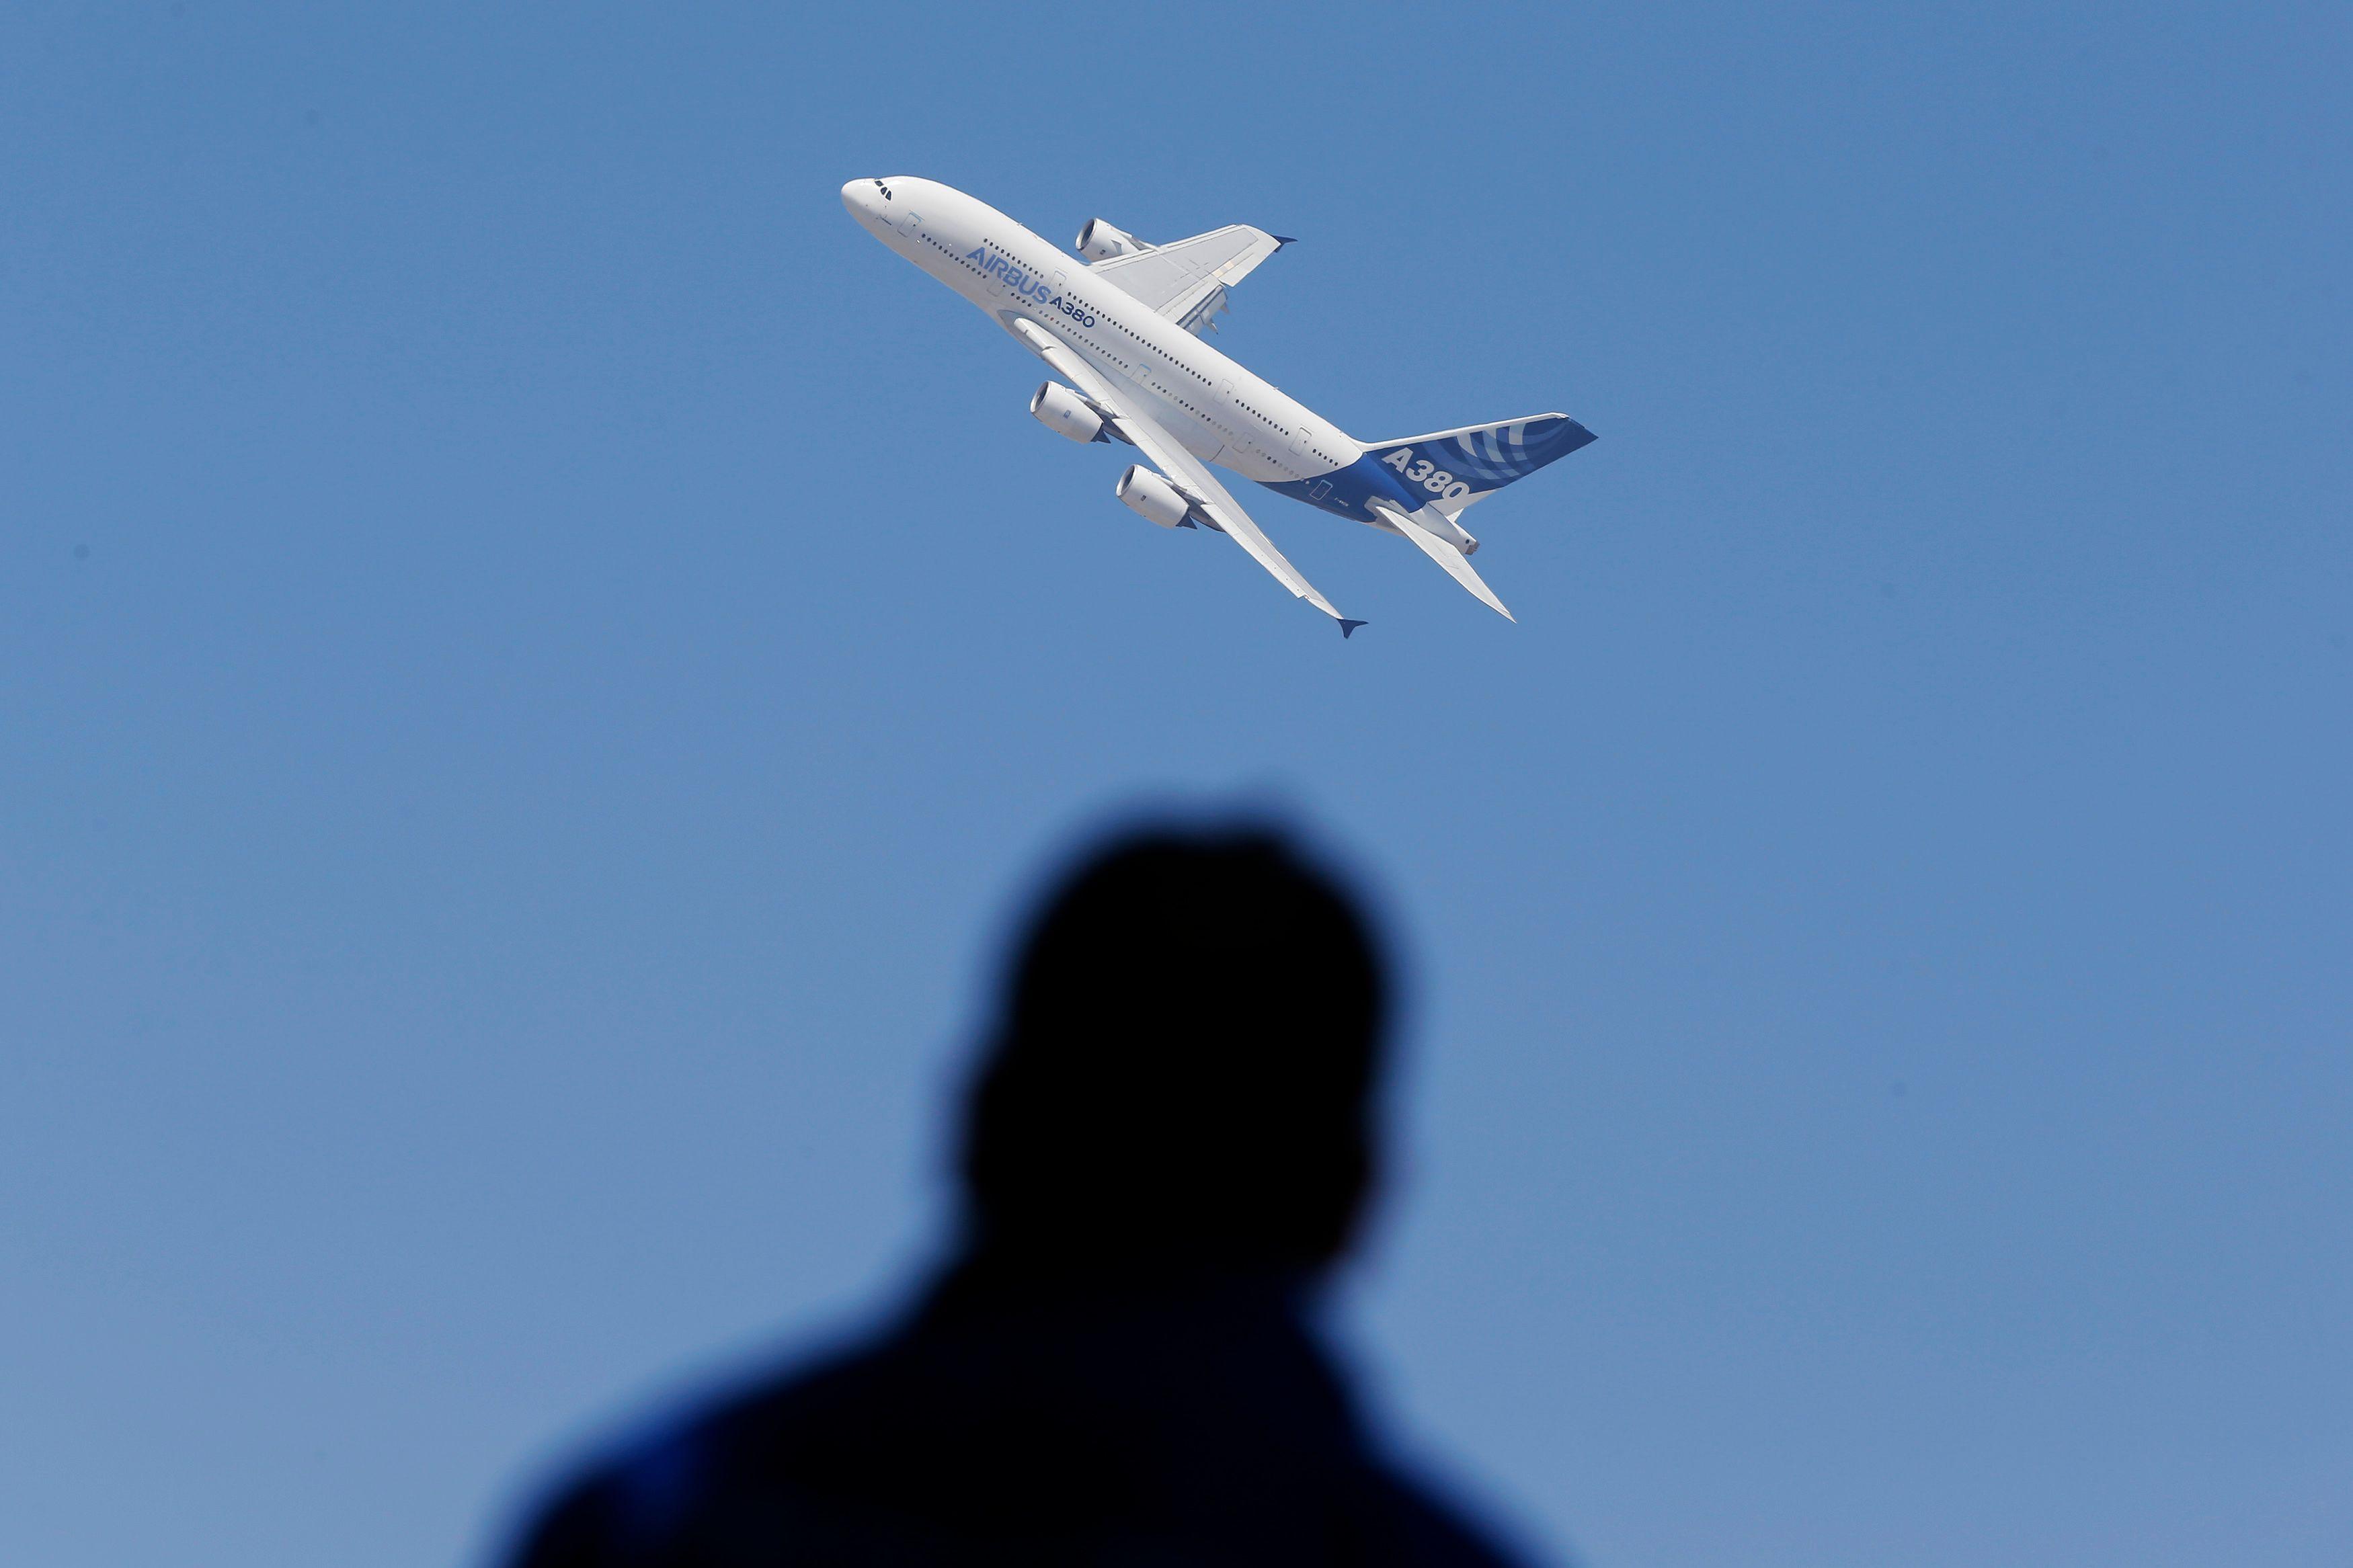 Etats-Unis : un jeune homme de 16 ans survit après avoir passé 5 heures dans le train d'atterrissage d'un avion